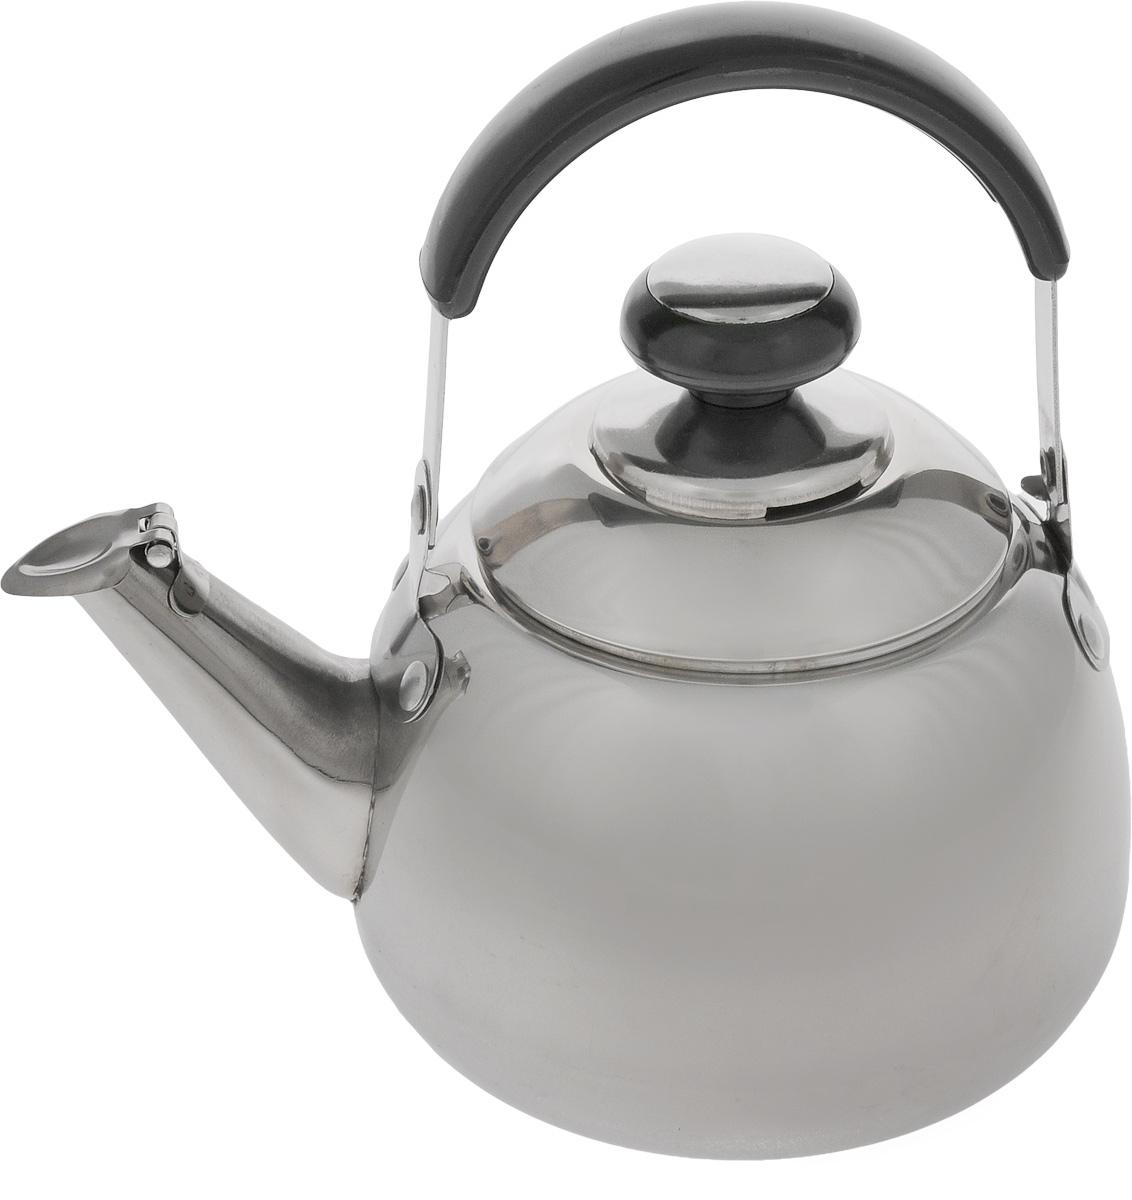 Чайник заварочный Mayer & Boch, со свистком и фильтром, 1 л. 1107VT-1520(SR)Заварочный чайник Mayer & Boch выполнен из высококачественной нержавеющей стали, что обеспечивает долговечность использования. Внешнее зеркальное покрытие придает приятный внешний вид. Бакелитовая ручка делает использование чайника очень удобным и безопасным. Крышка оснащена свистком, что позволит вамконтролировать процесс подогреваили кипячения воды. Чайник оснащен фильтром, с помощью которого можно заваривать ваш любимый чай.Подходит для газовых, электрических и стеклокерамических плит. Можно мыть в посудомоечной машине. Диаметр чайника (по верхнему краю): 8 см. Высота чайника (без учета крышки и ручки): 9 см. Высота чайника (с учетом крышки и ручки): 18,5 см. Размер фильтра: 7,5 х 7,5 х 5,5 см.